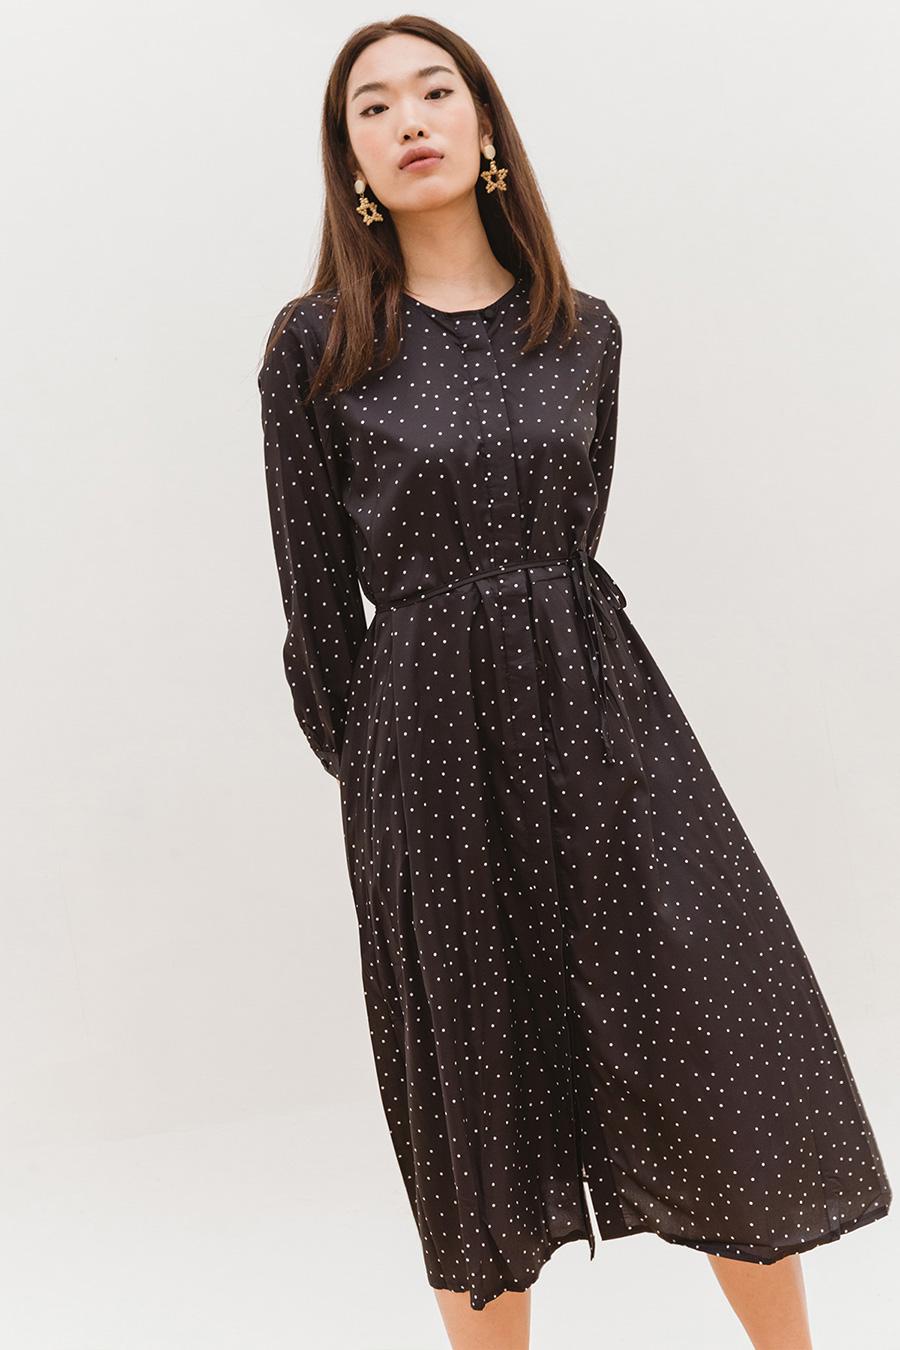 *BO* JEANNE DRESS - NOIR DOTTY